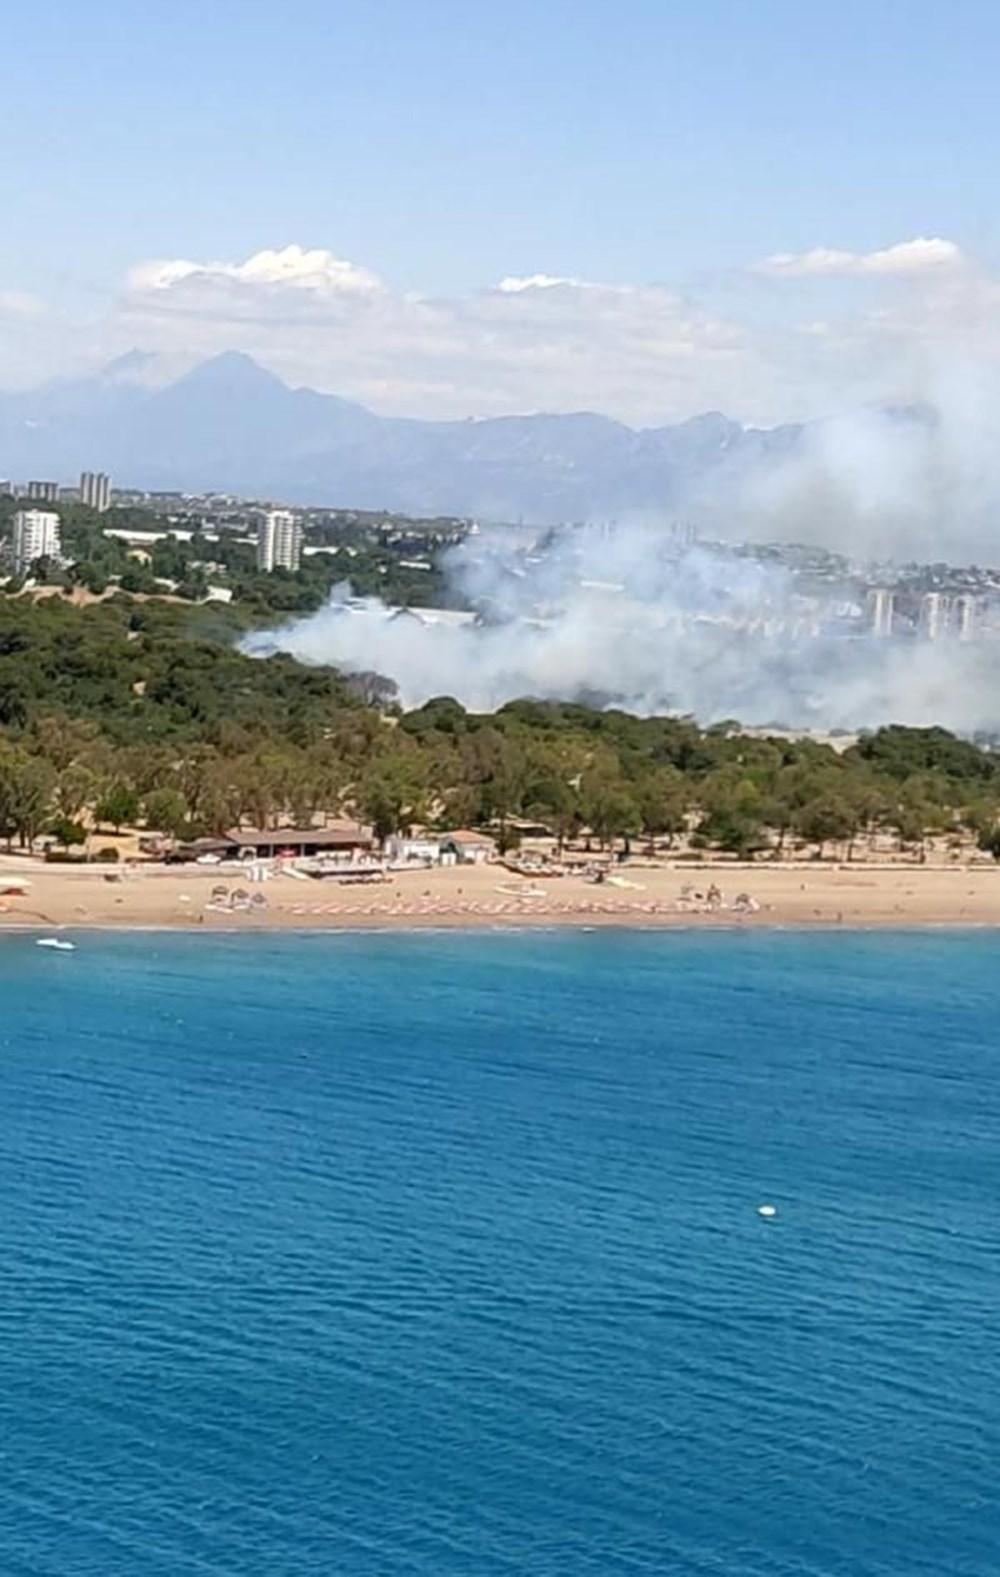 Antalya'da korkutan yangın: Kum taşıdılar - 2